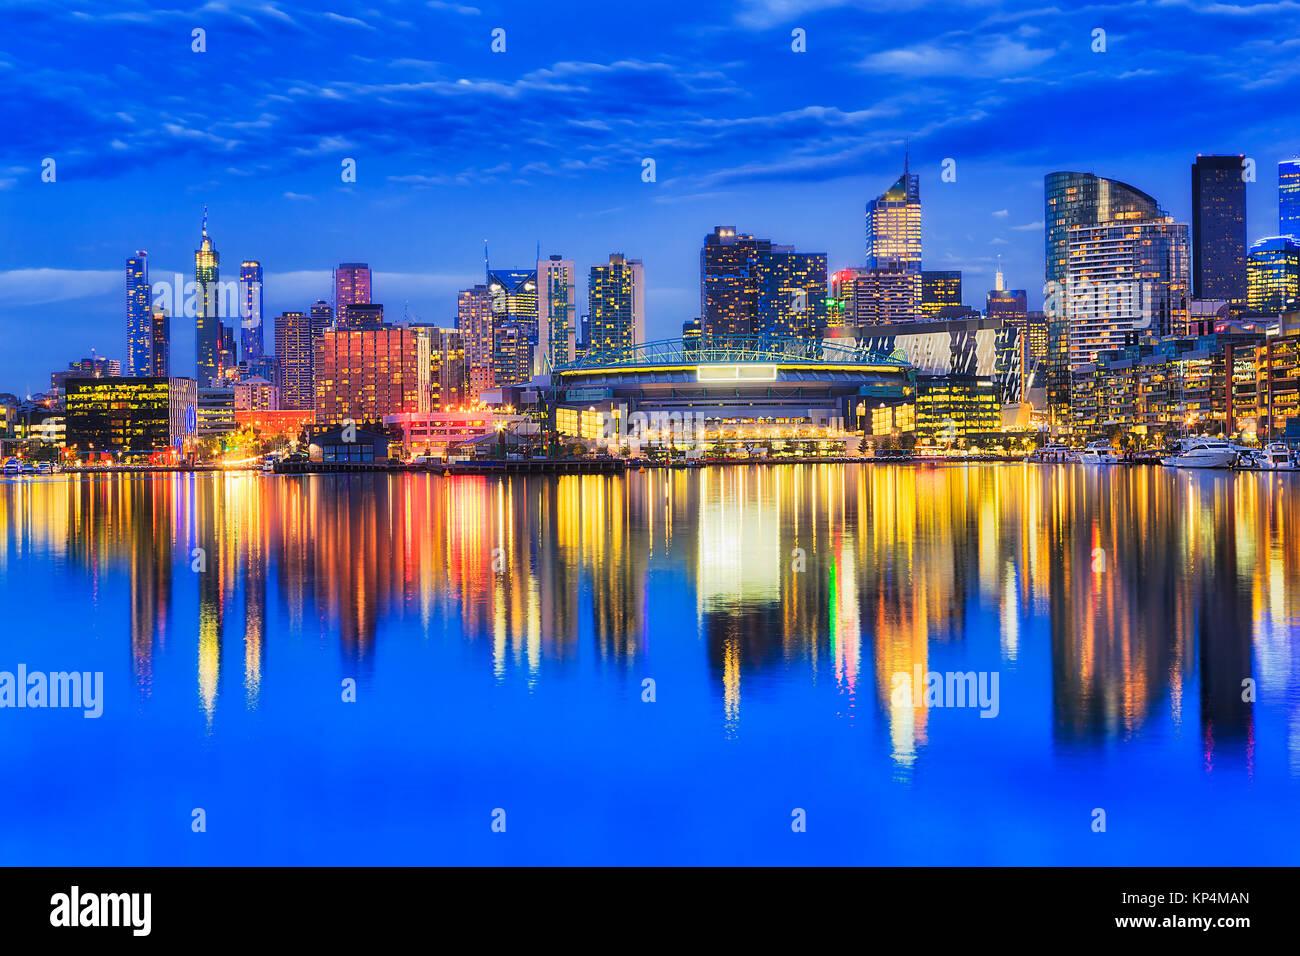 Luminose iilluminated waterfront architettura urbana di Docklands sobborghi di Melbourne riflettendo ancora in acque Immagini Stock